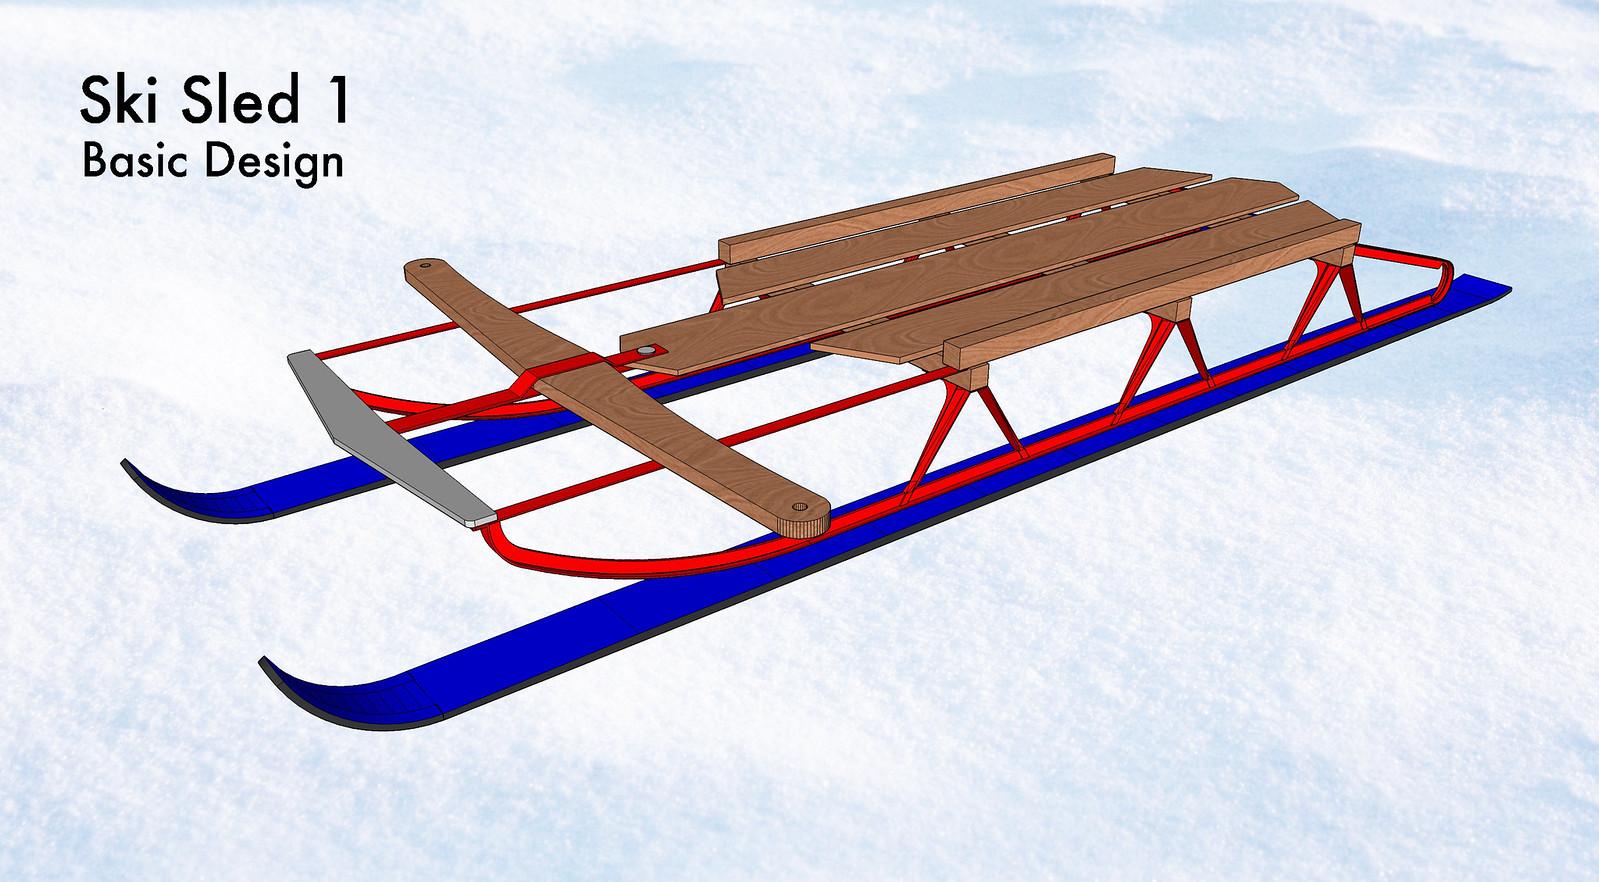 Ski Sled 1